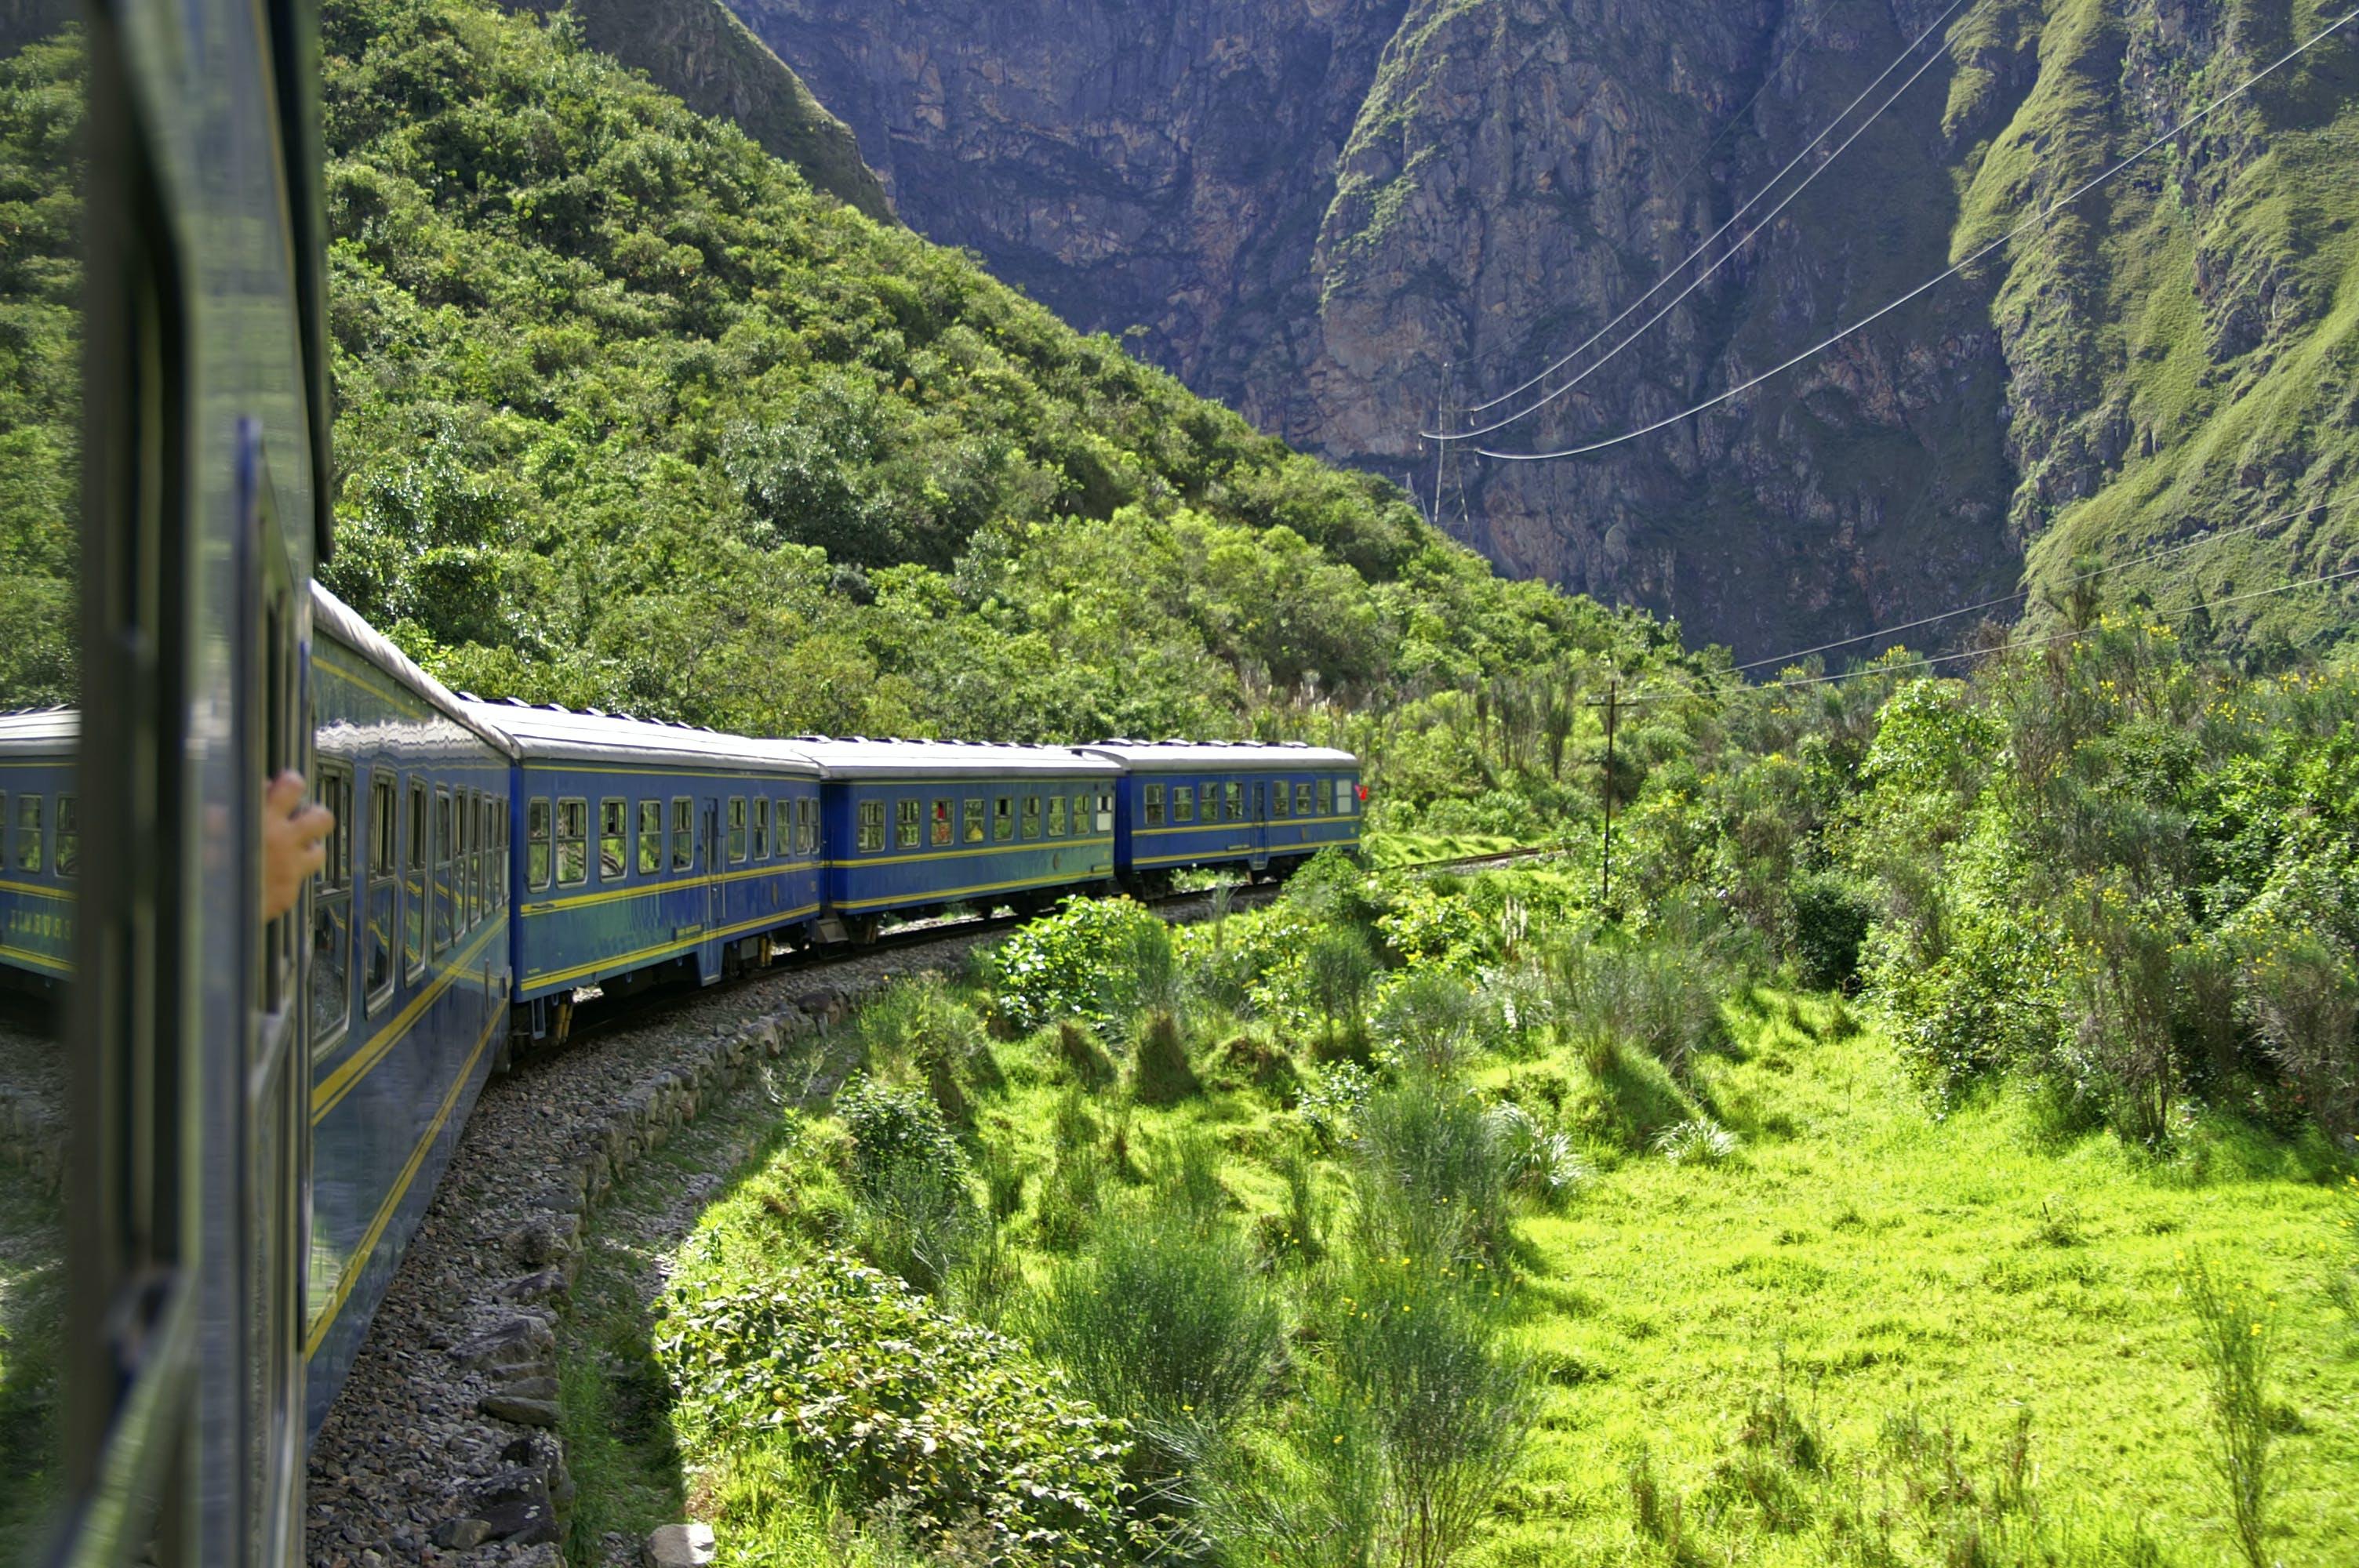 Geniet van een treinreis door een prachtige omgeving